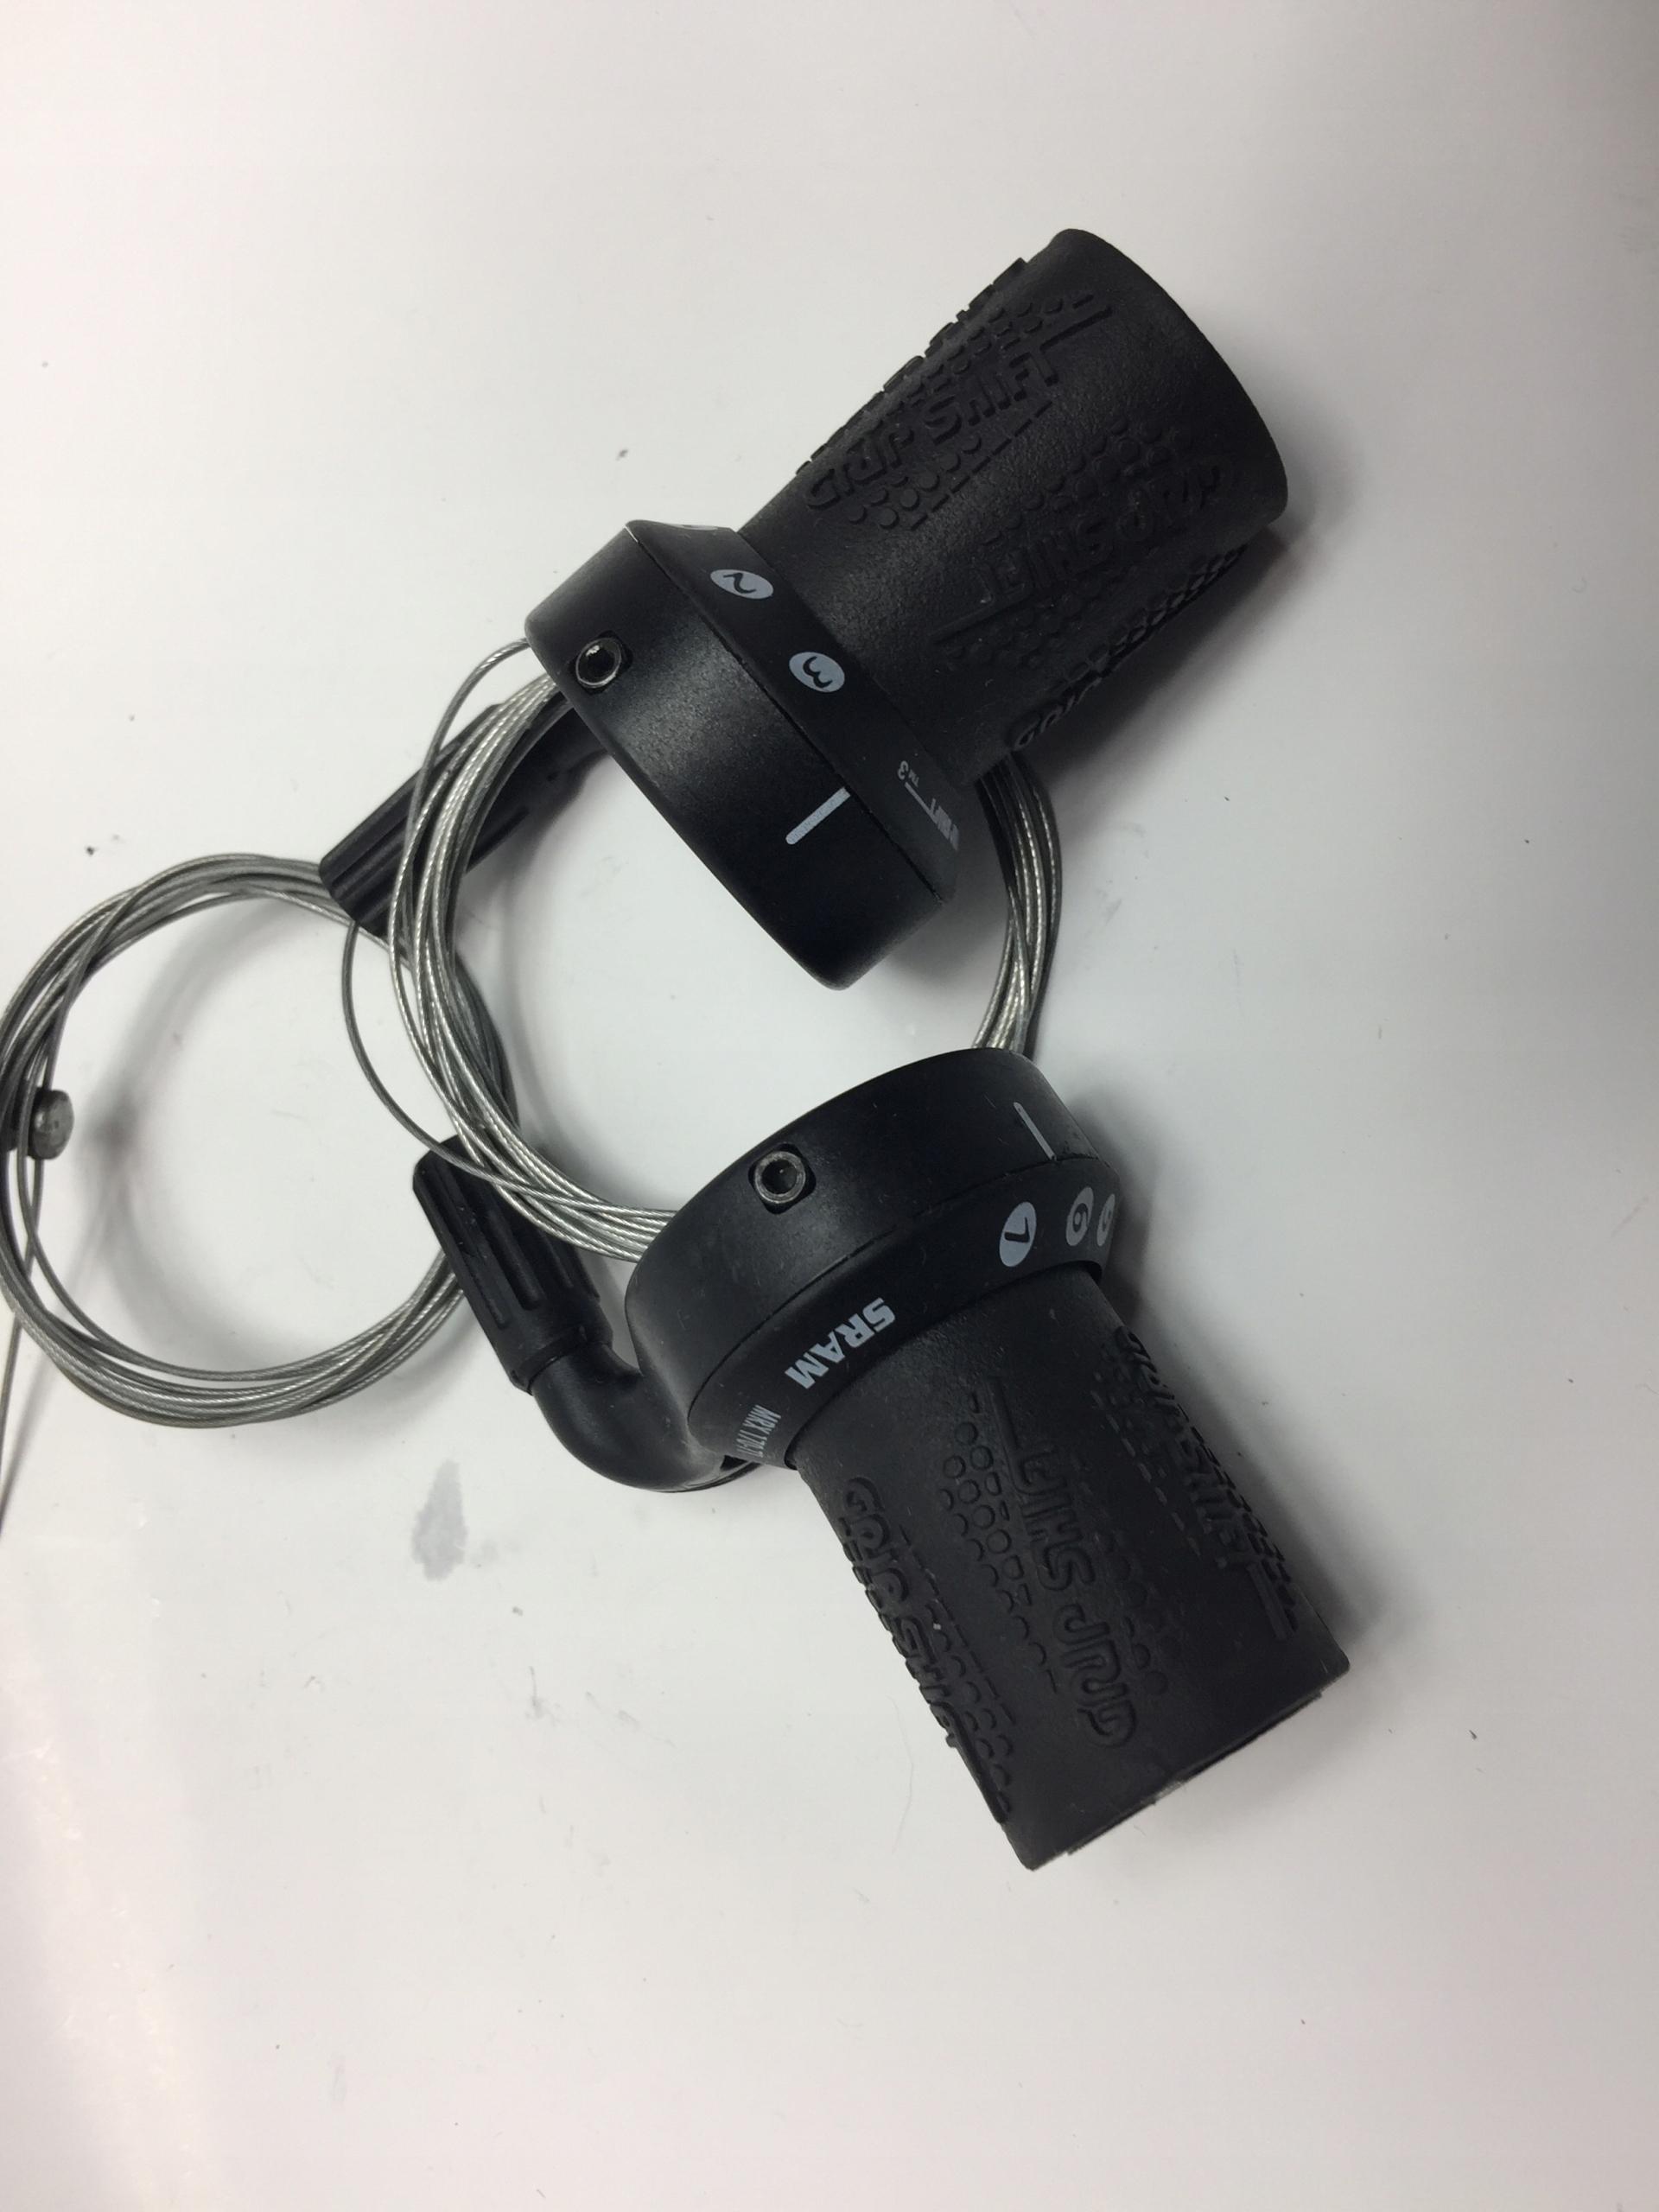 Manetki Manetka Sram 3x7 GripShift Shimano Retro